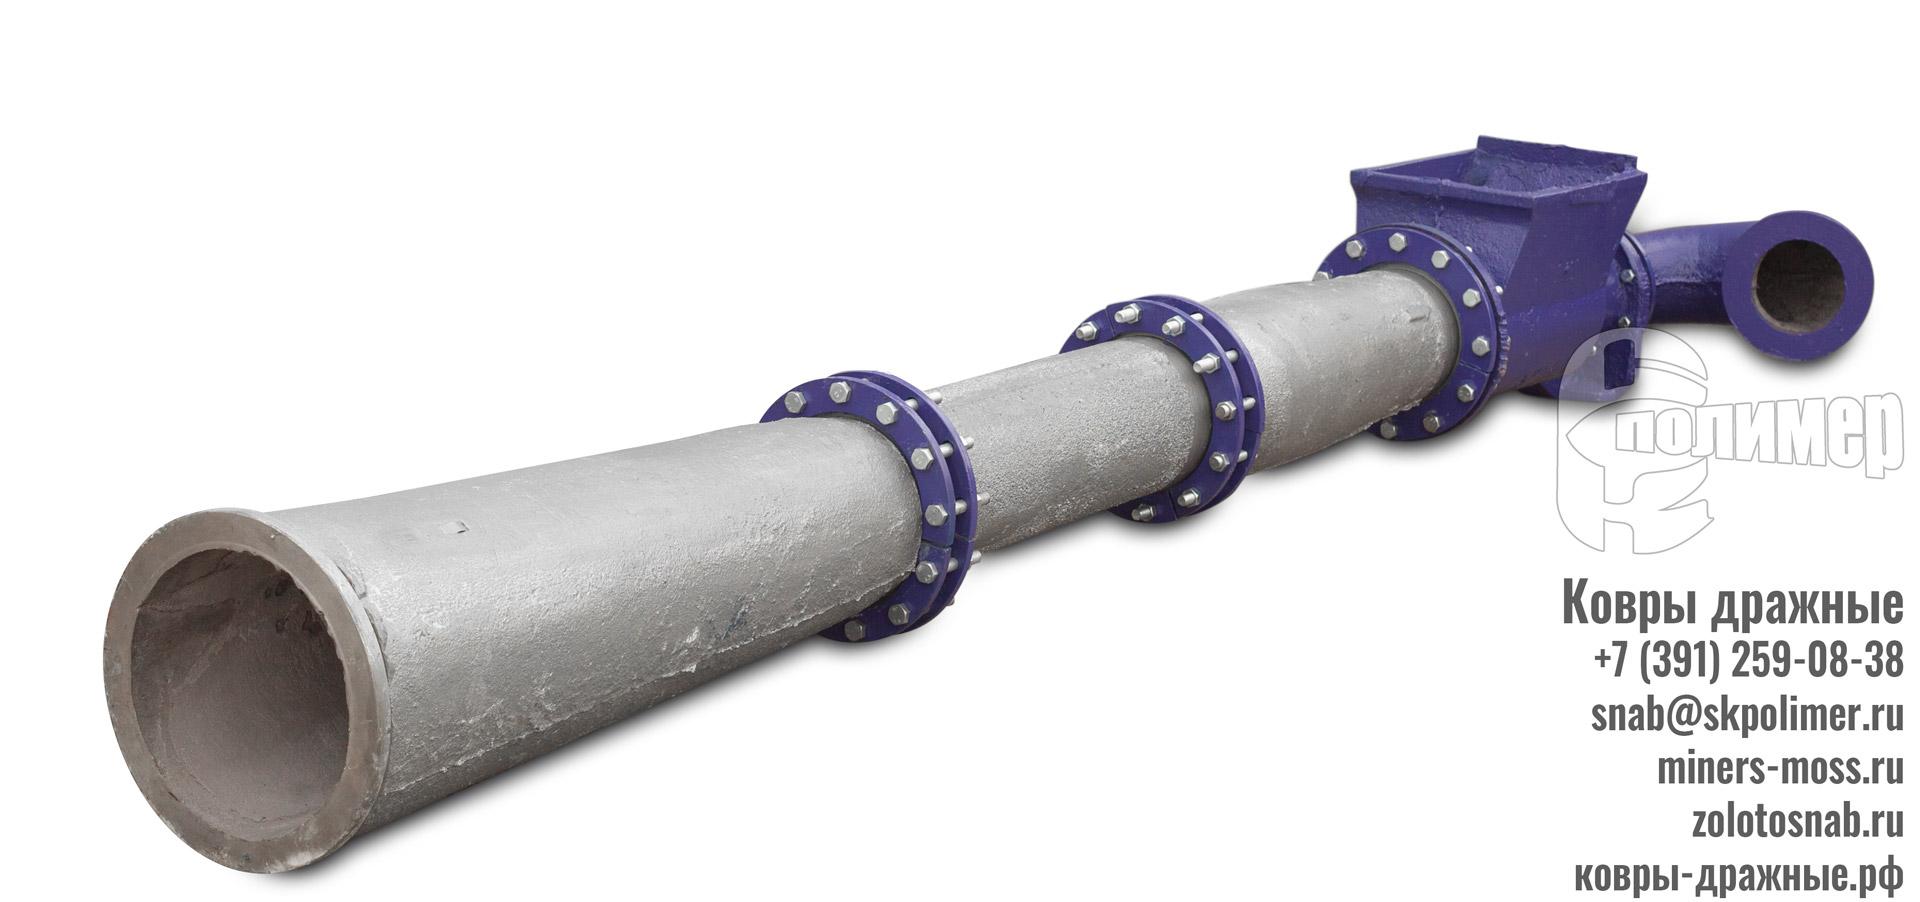 гидроэлеватор ГЭ 190/400 купить